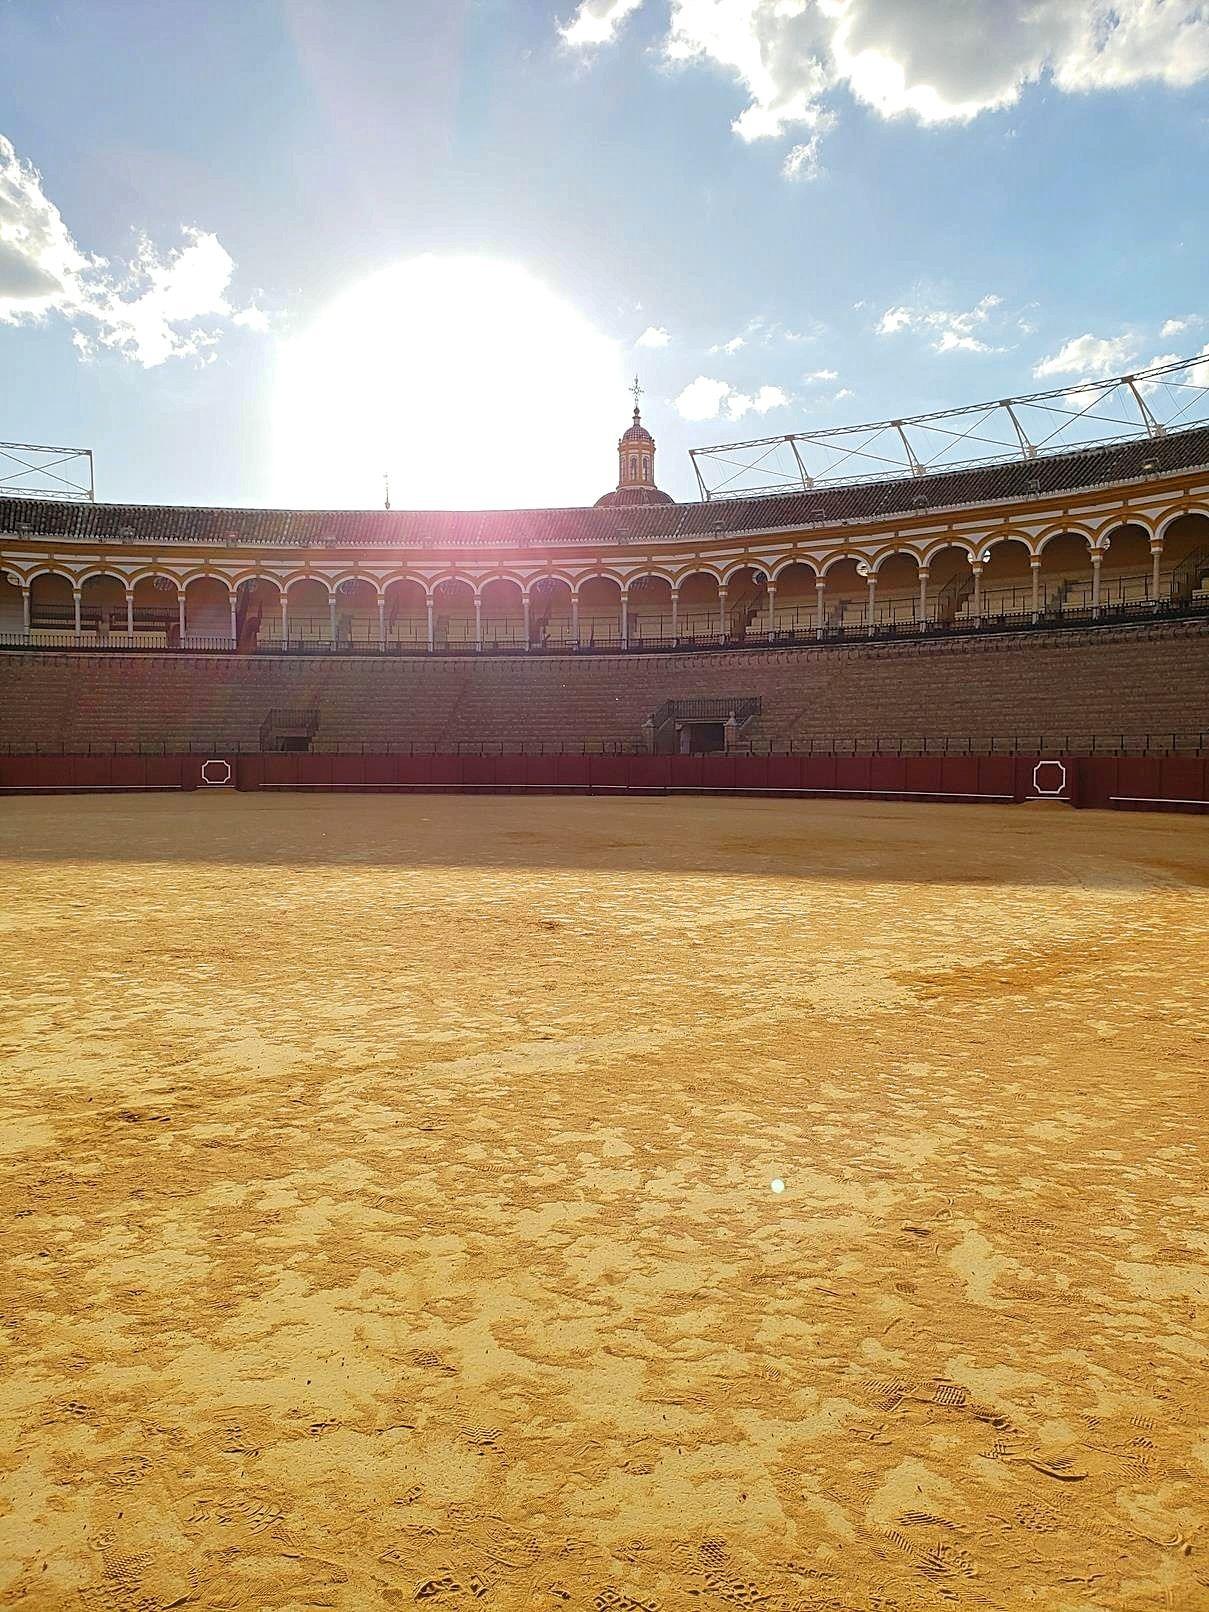 Stedentrip Sevilla Stierenvechtarena